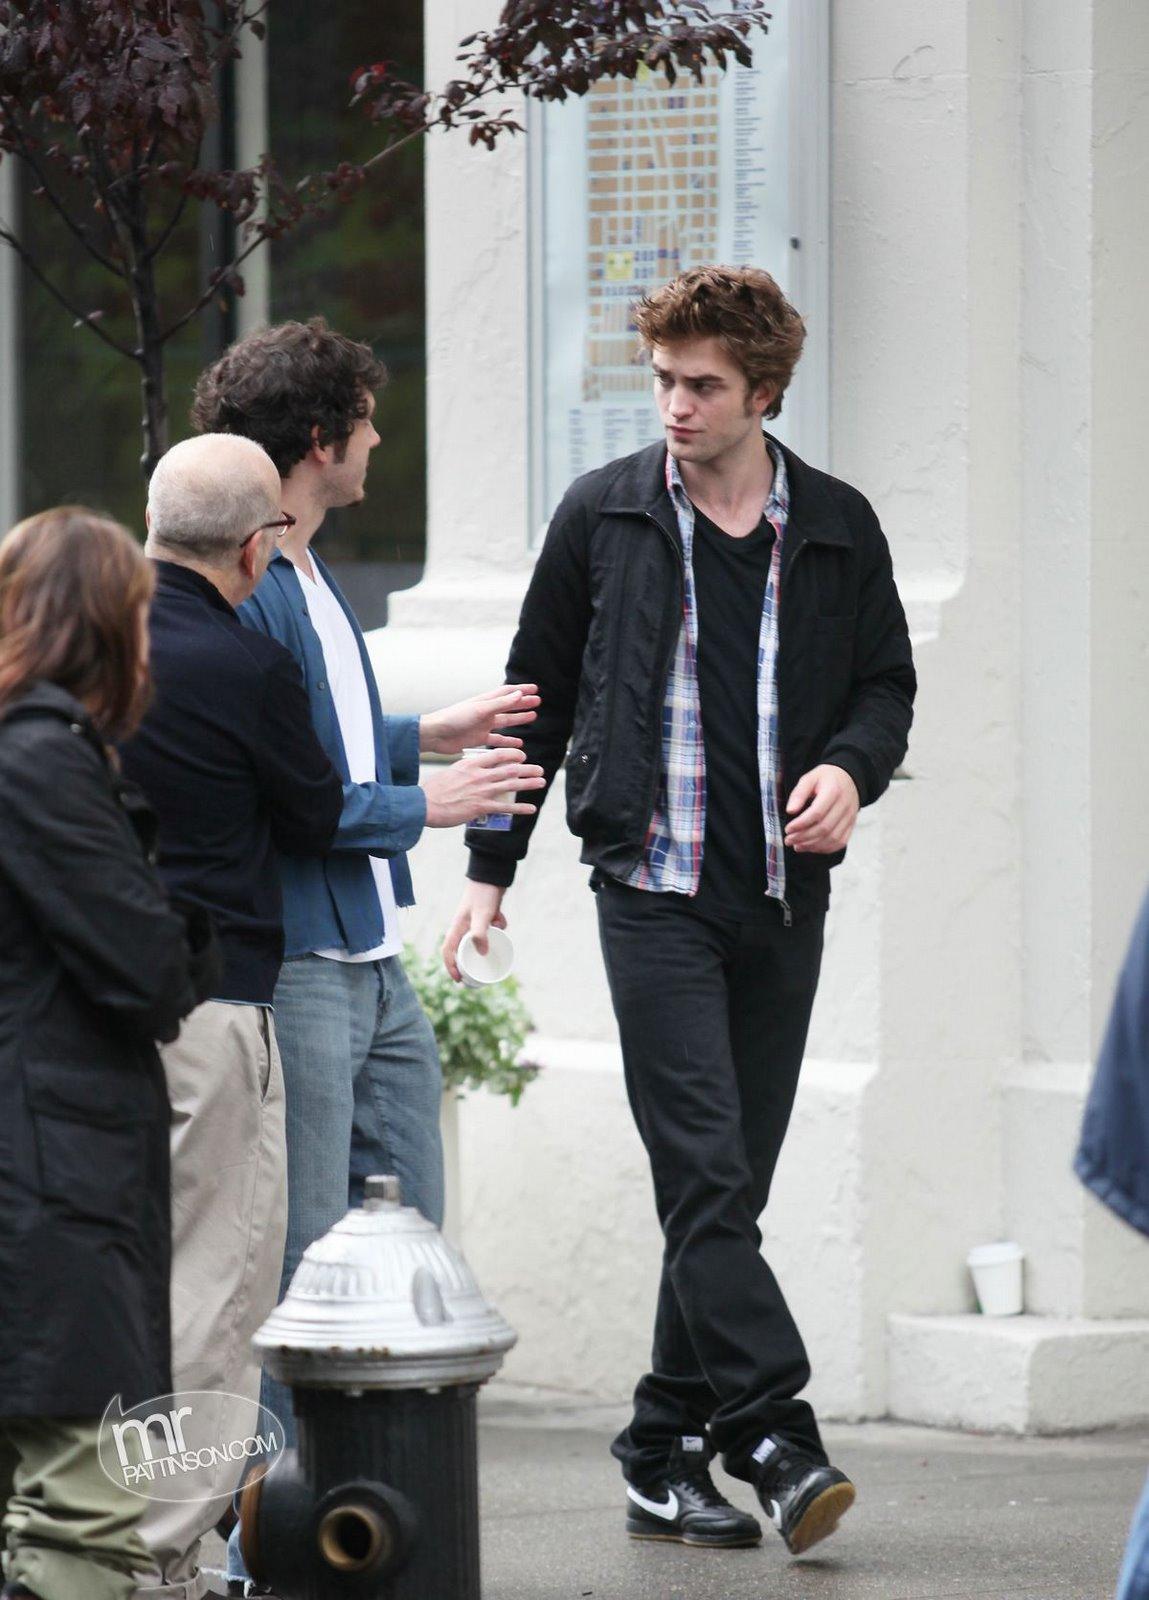 http://2.bp.blogspot.com/_9mvkemNN7Xg/S-g7nG_bQGI/AAAAAAAAGUY/yH9YM_JKU64/s1600/Robert_Pattinson_05152009_NYC22.jpg